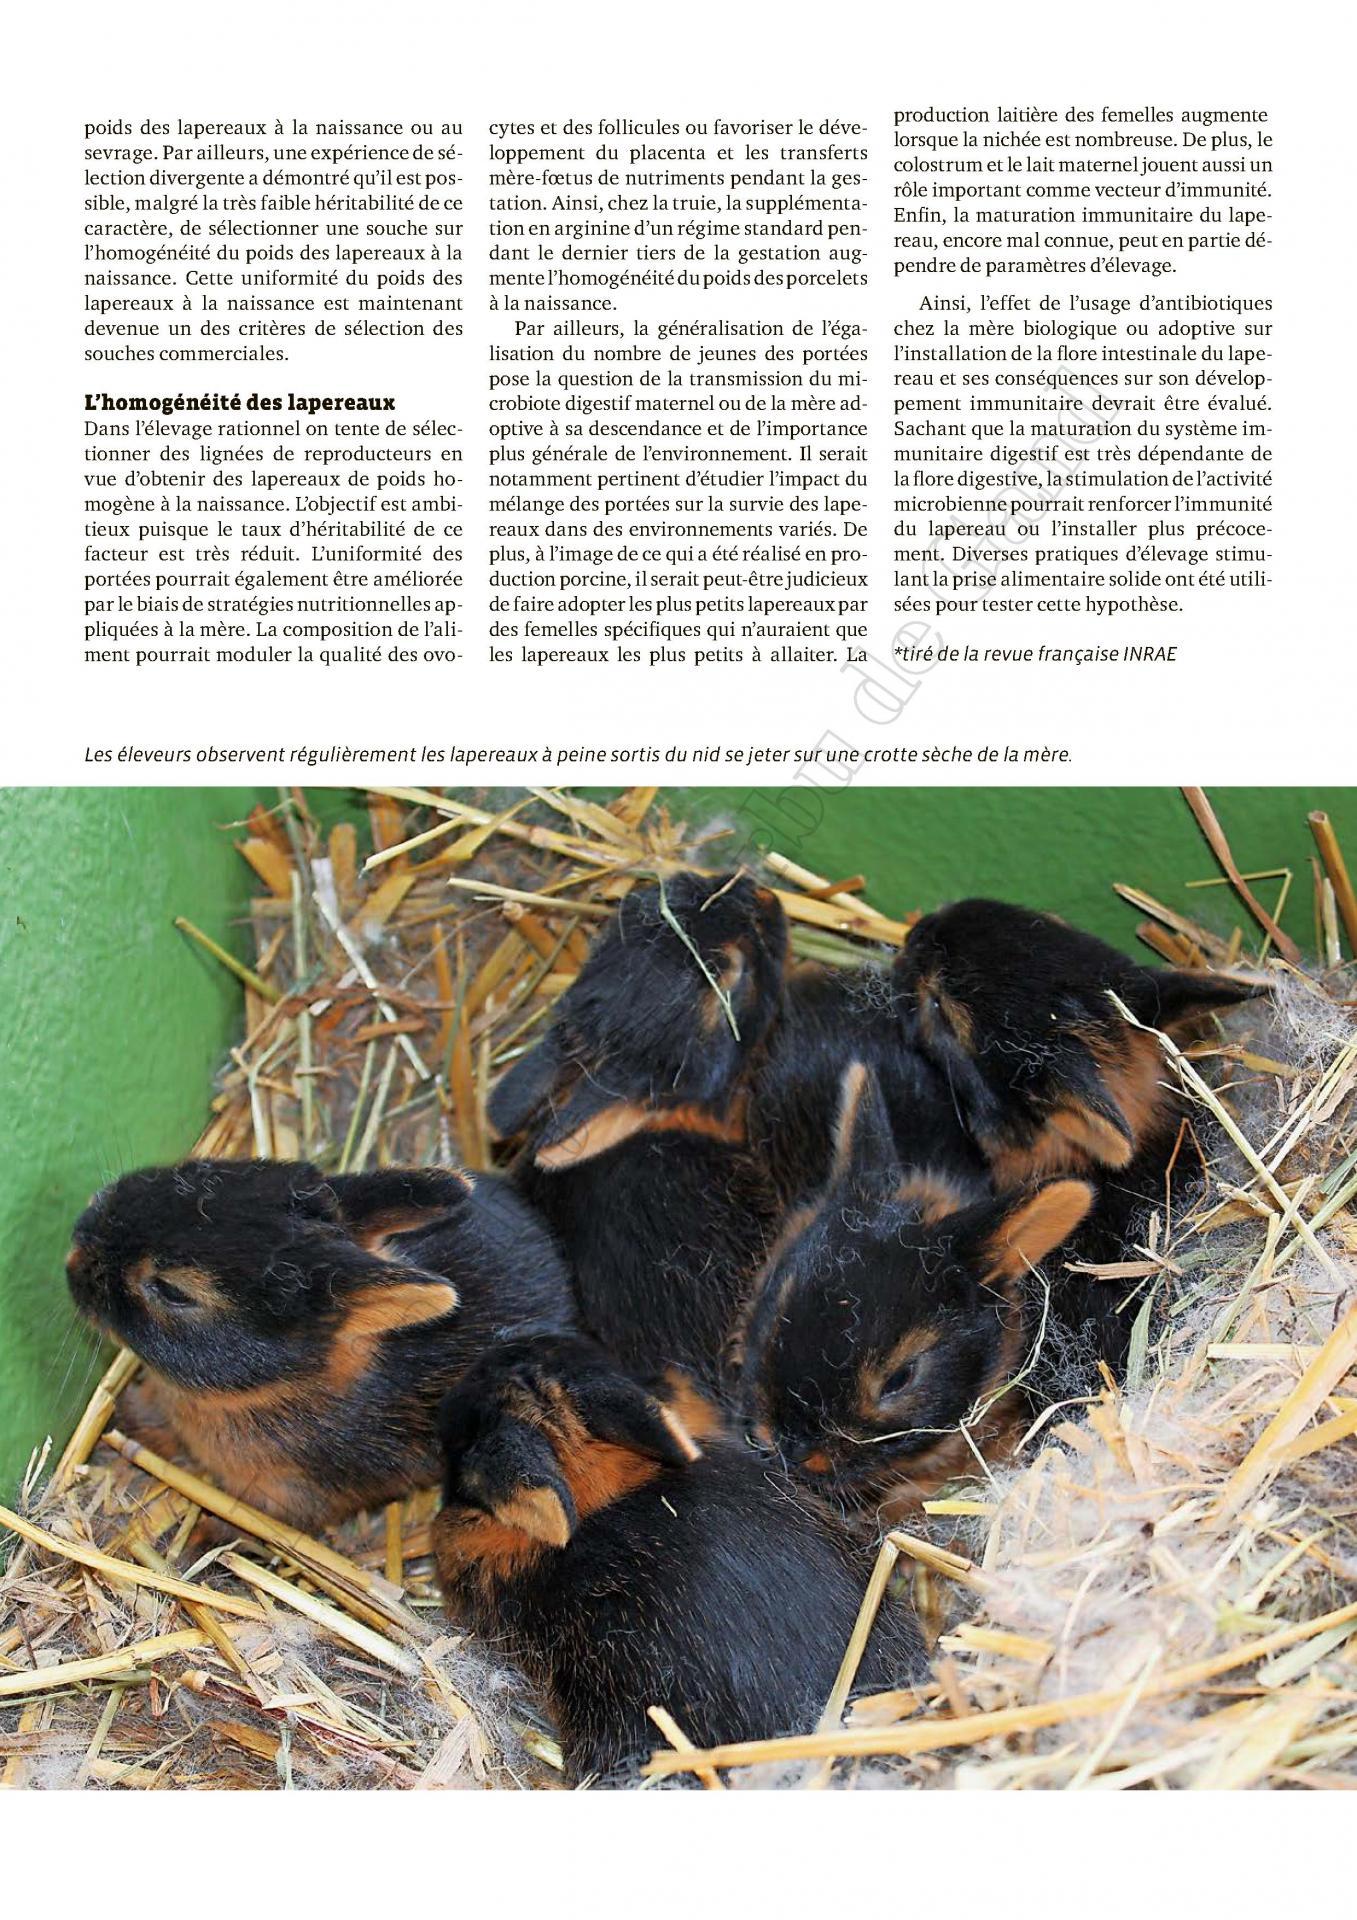 Des crottes dures deposees dans le nid des lapereaux 4